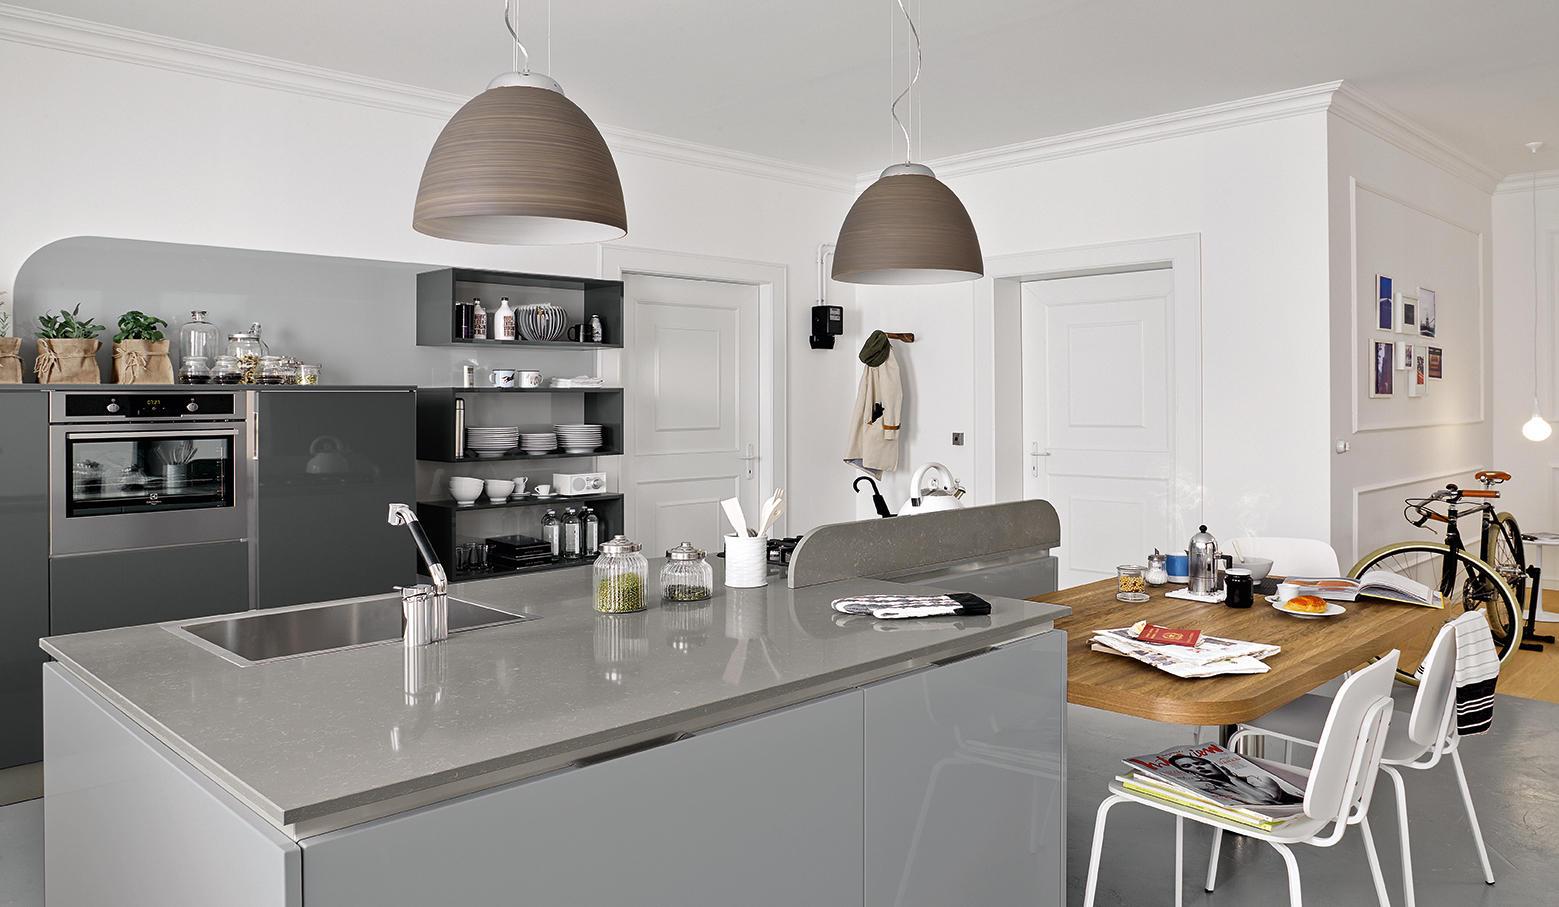 Carrera go cucine a parete veneta cucine architonic - Cucine a parete ...